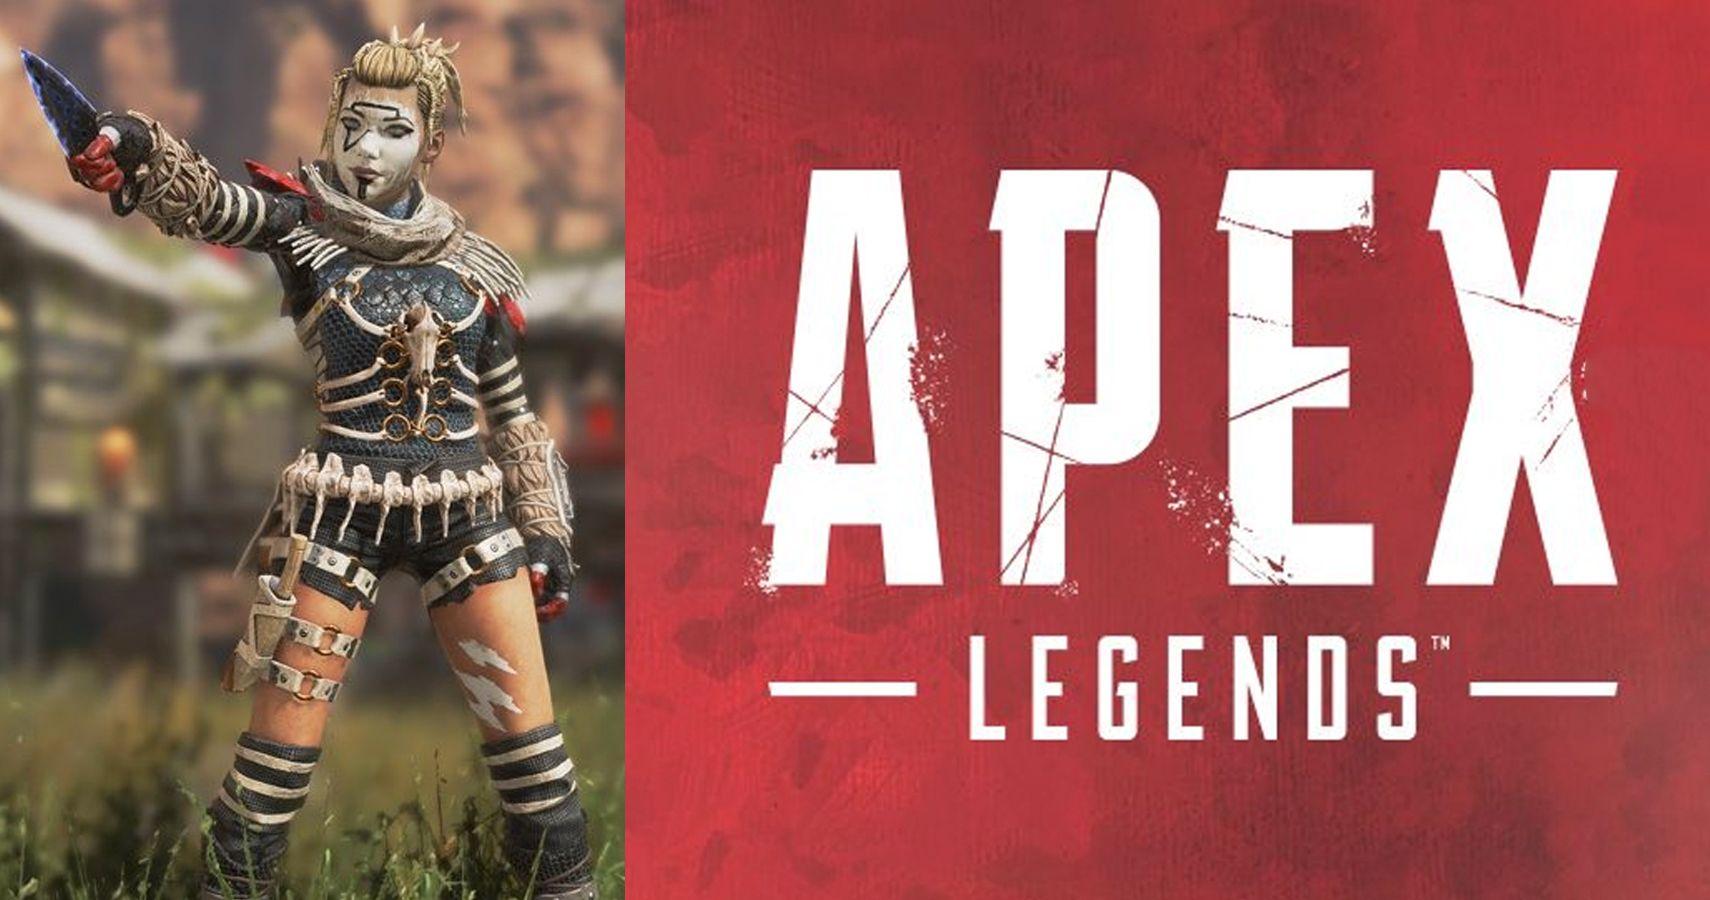 Le Vie Degli Dei Antichi: L'Evento Crocevia Per Apex Legends 4 - Hynerd.it